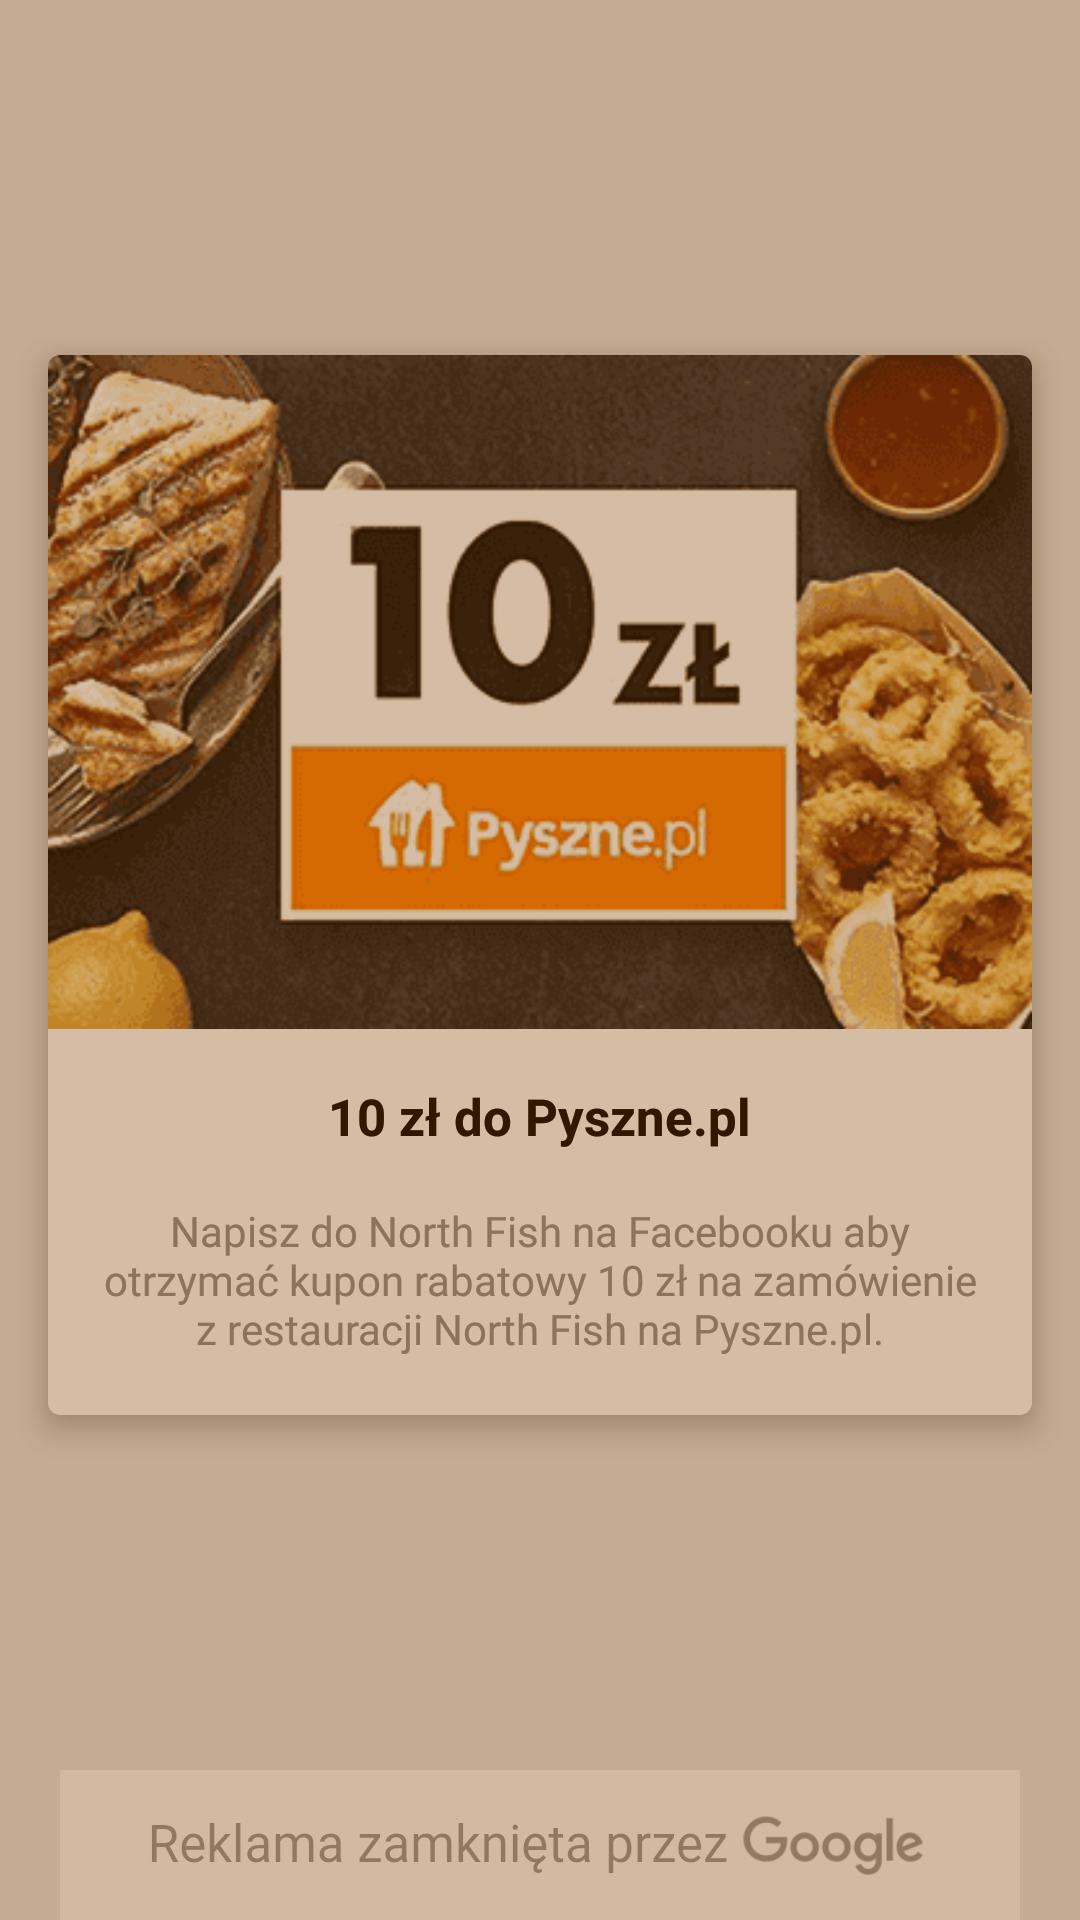 10 zł na Pyszne.pl w Nort Fish